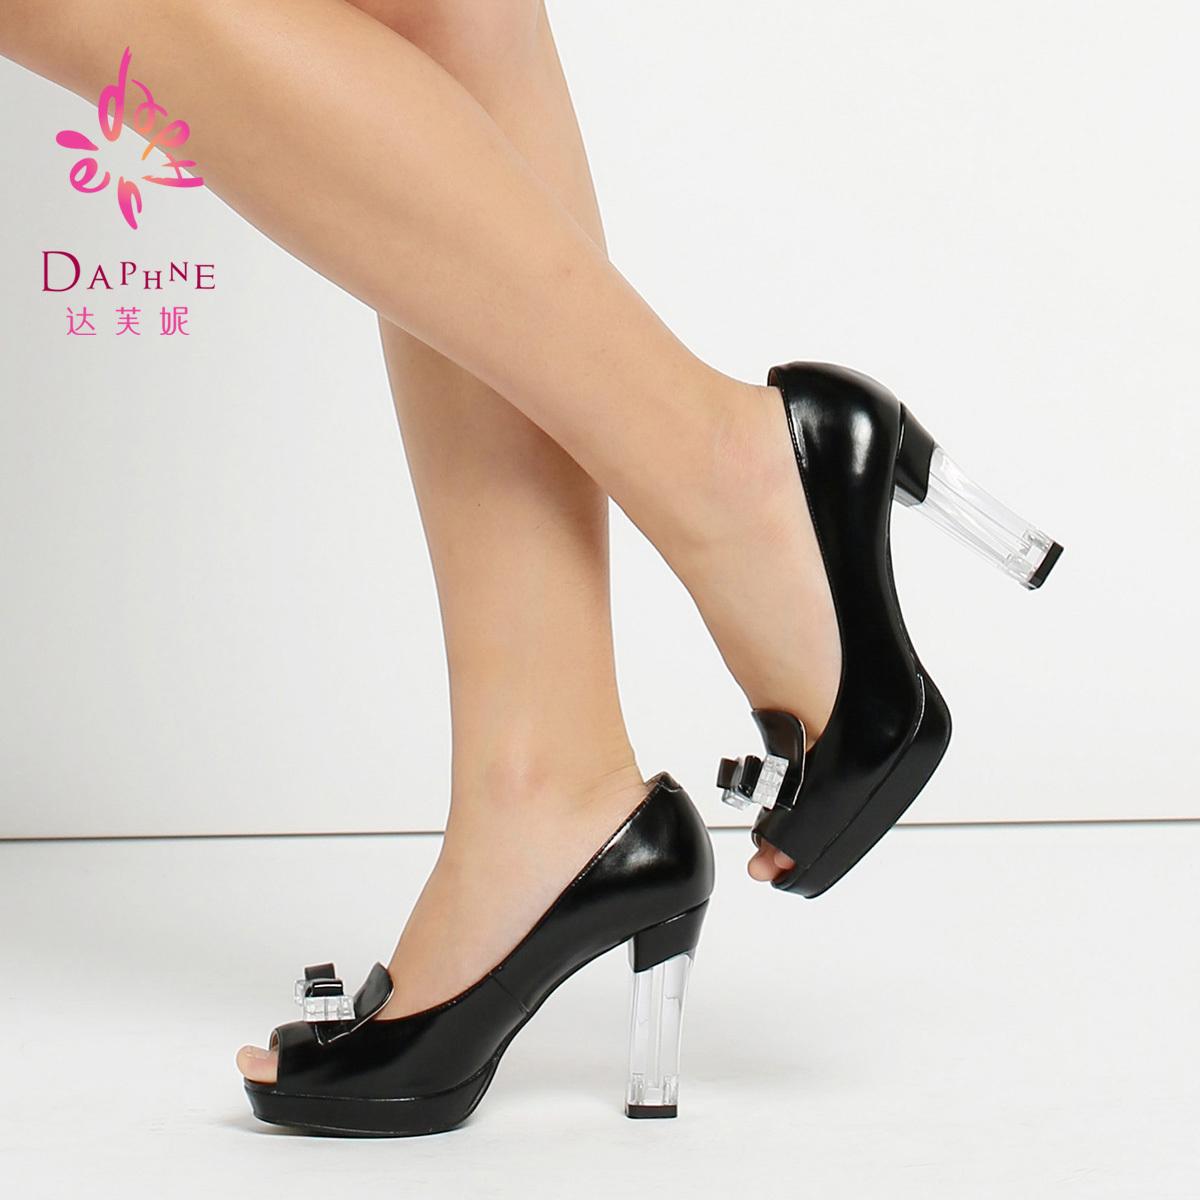 达芙妮单鞋 Daphne达芙妮春新款女鞋蝴蝶结拼接透明鱼嘴单鞋_推荐淘宝好看的女达芙妮单鞋